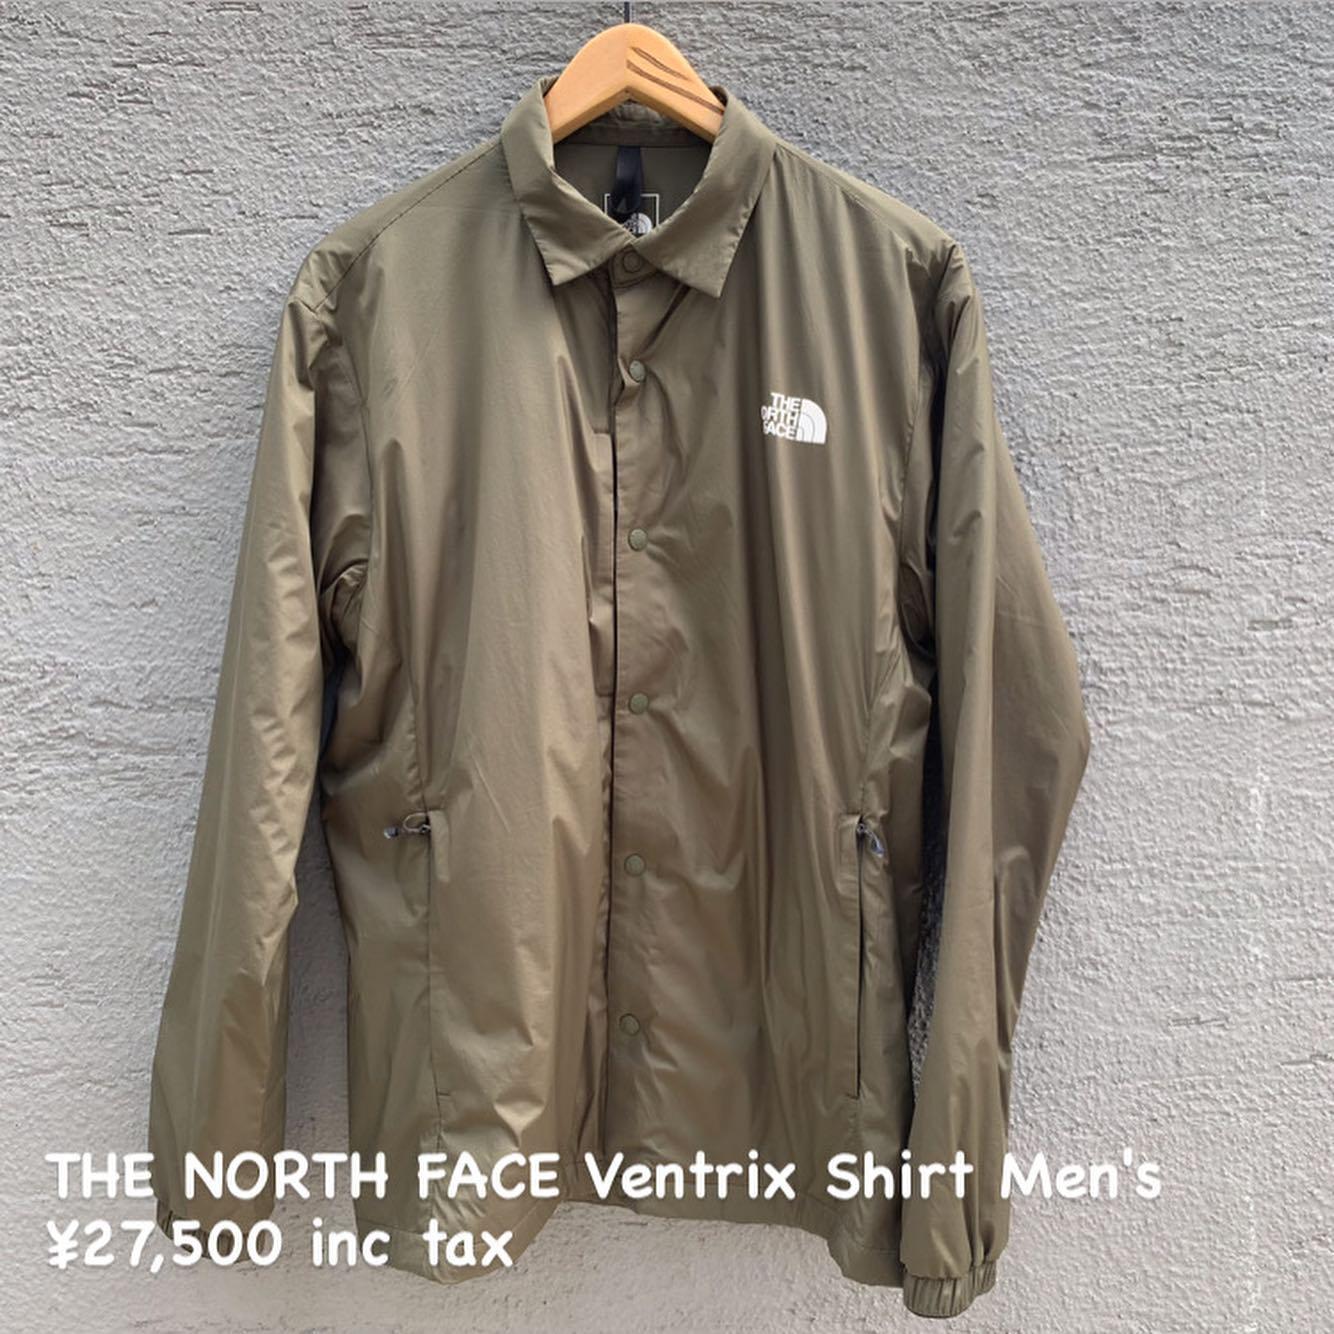 暖かくて、暑くならない、行動する保温着『THE NORTH FACE ベントリックス シャツ メンズ』のご紹介